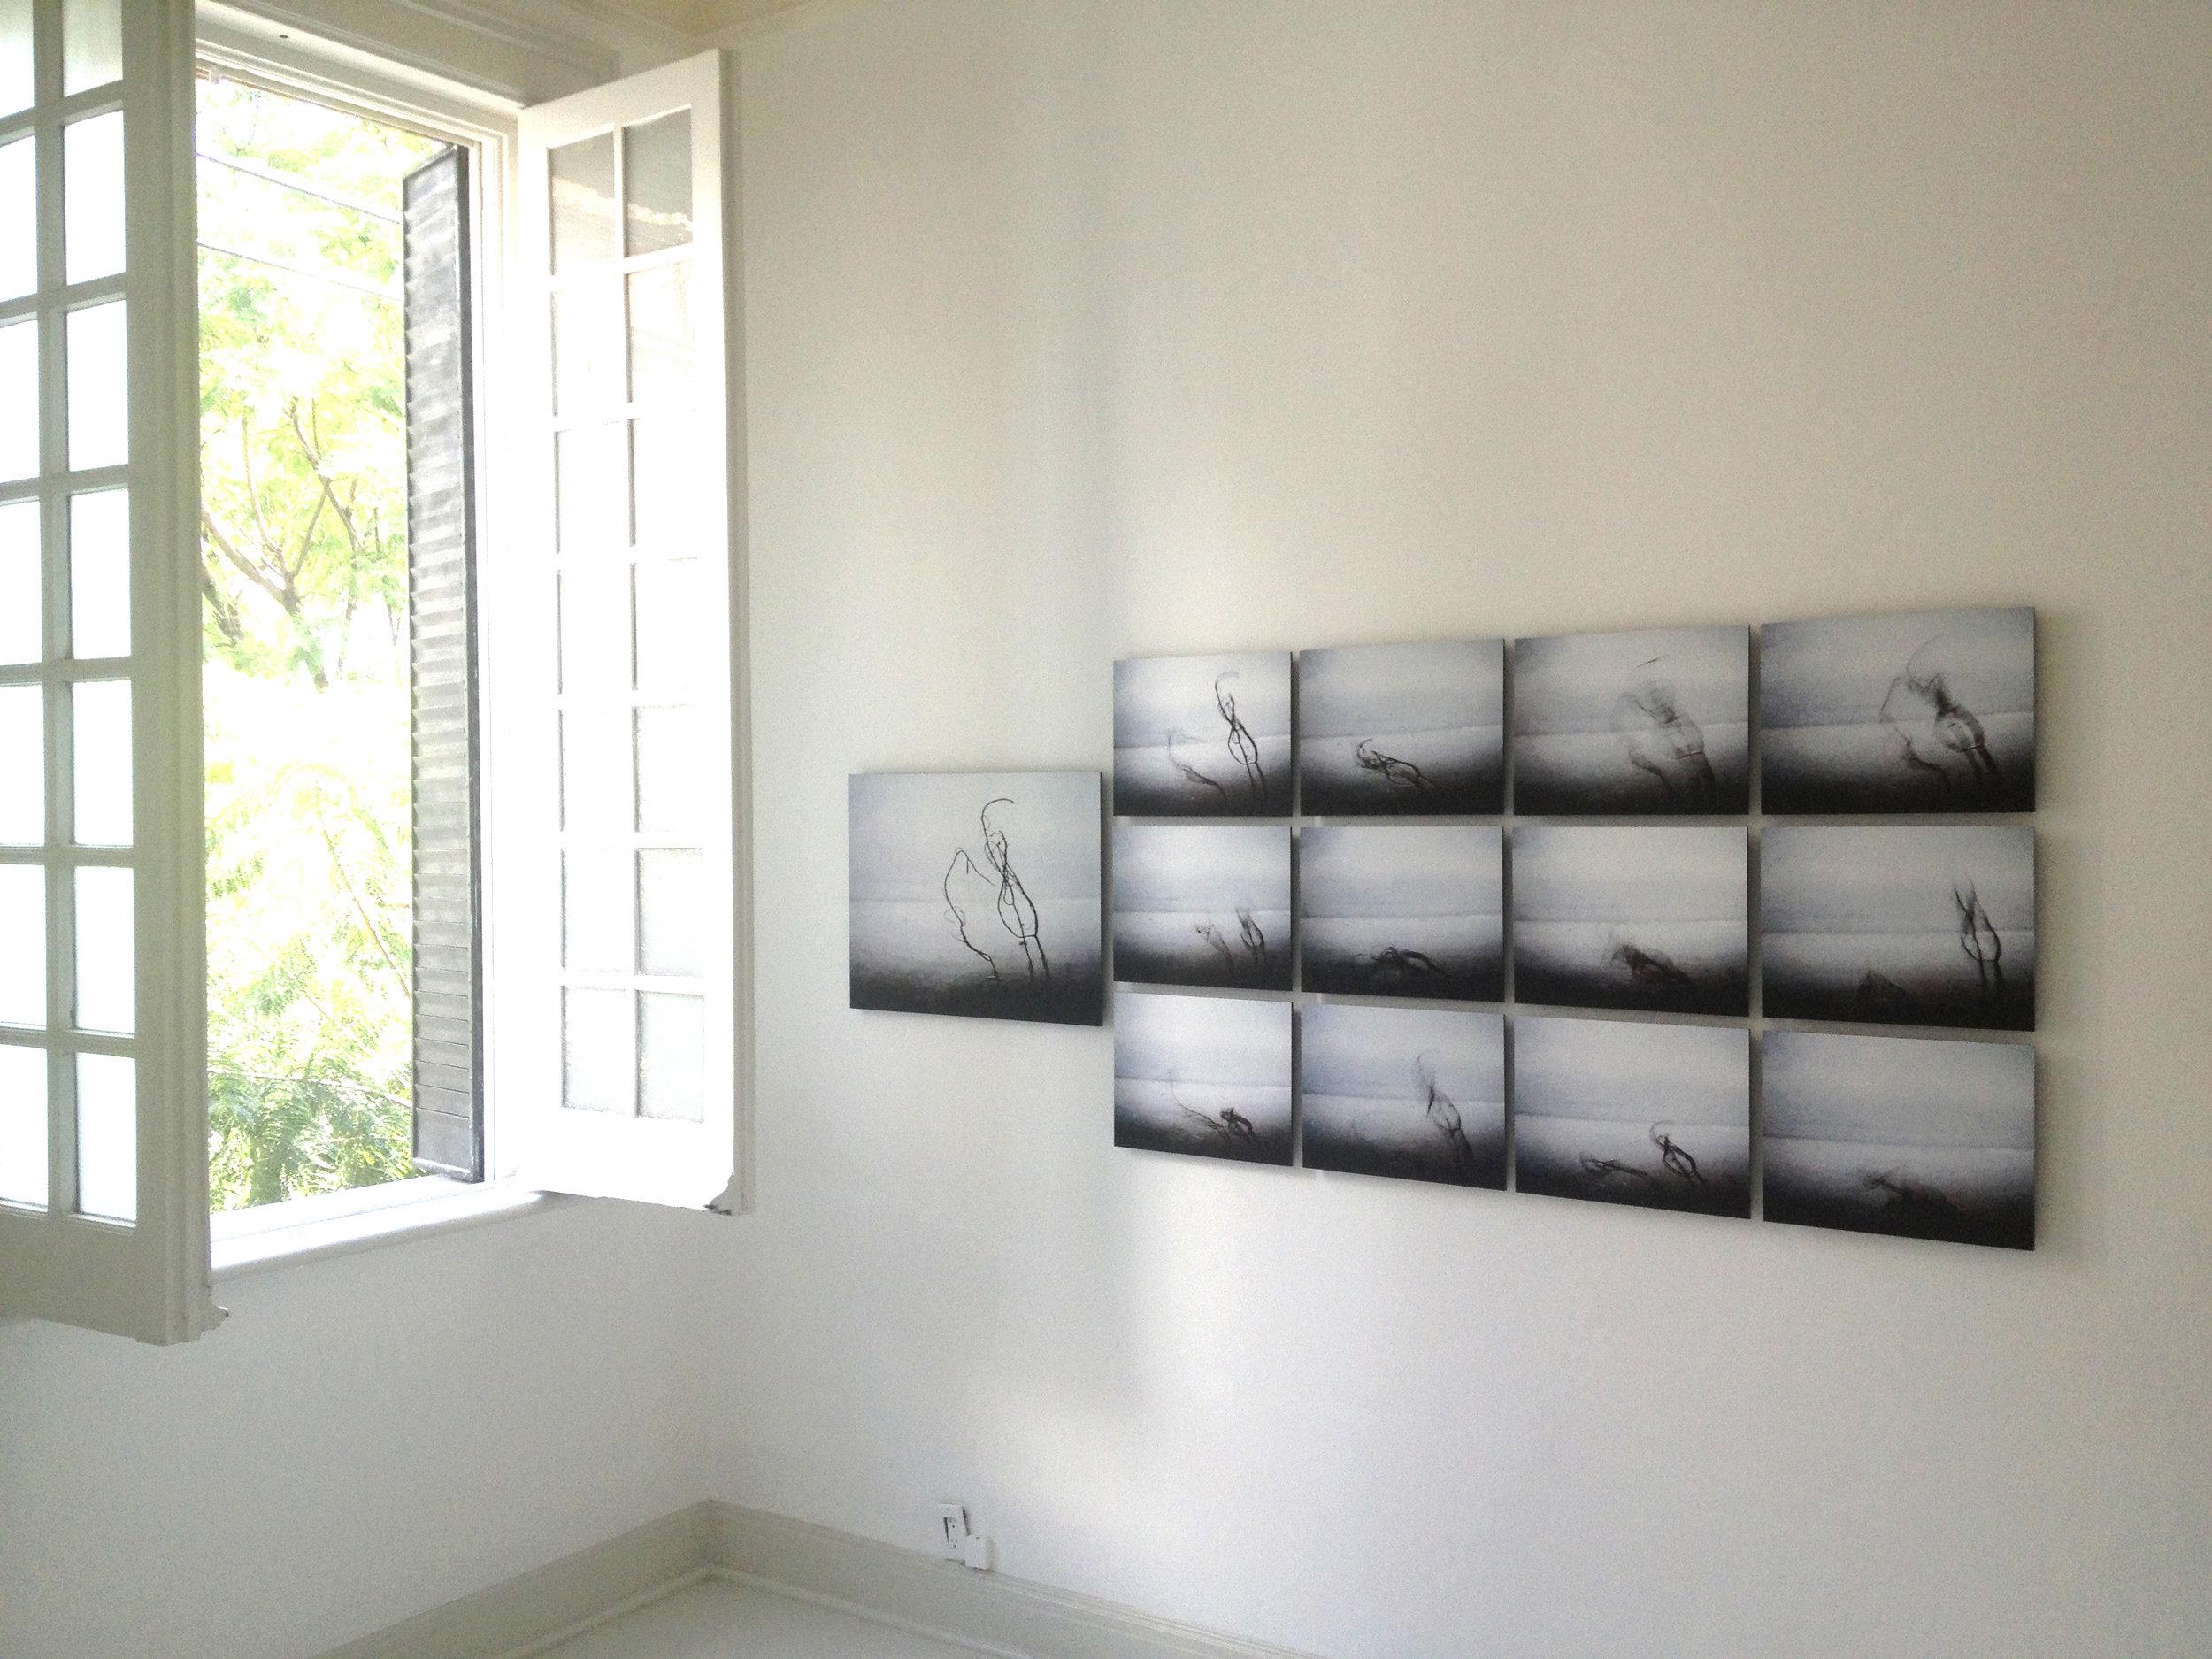 pieza requiem galeria.jpg